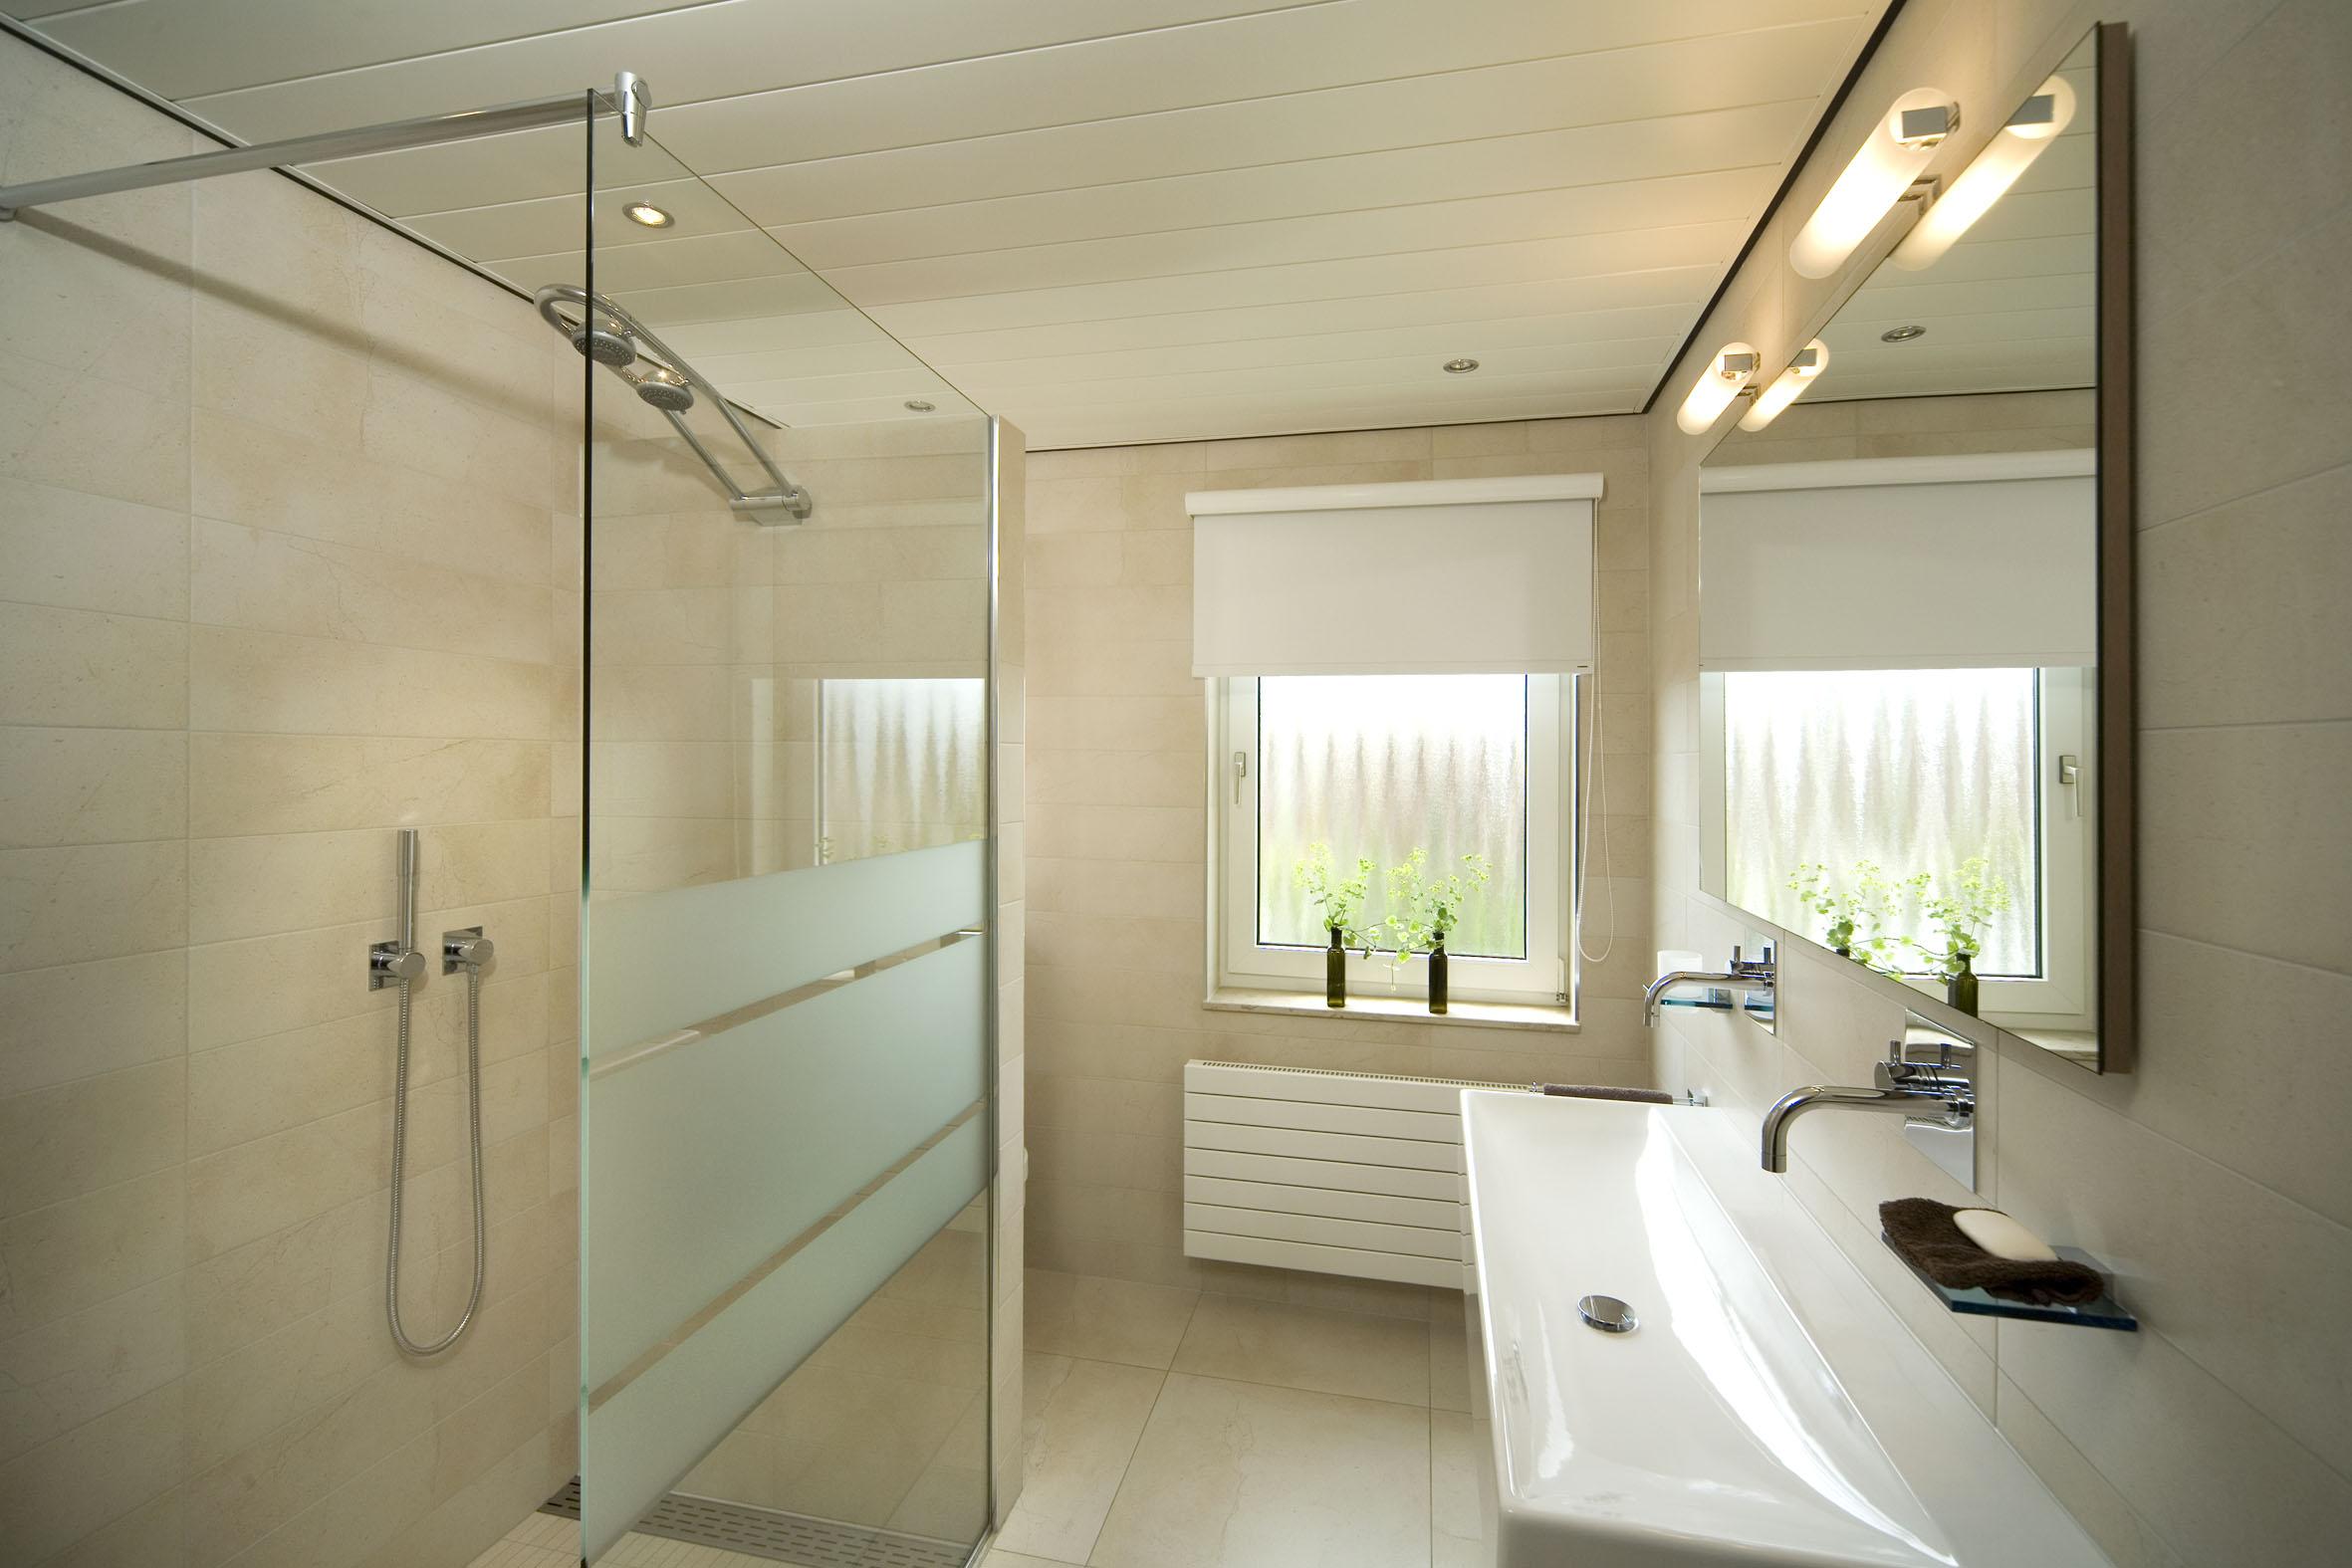 Uniek grote inloopdouche badkamermeubels ontwerpen 2017 for Badkamermeubel ontwerpen